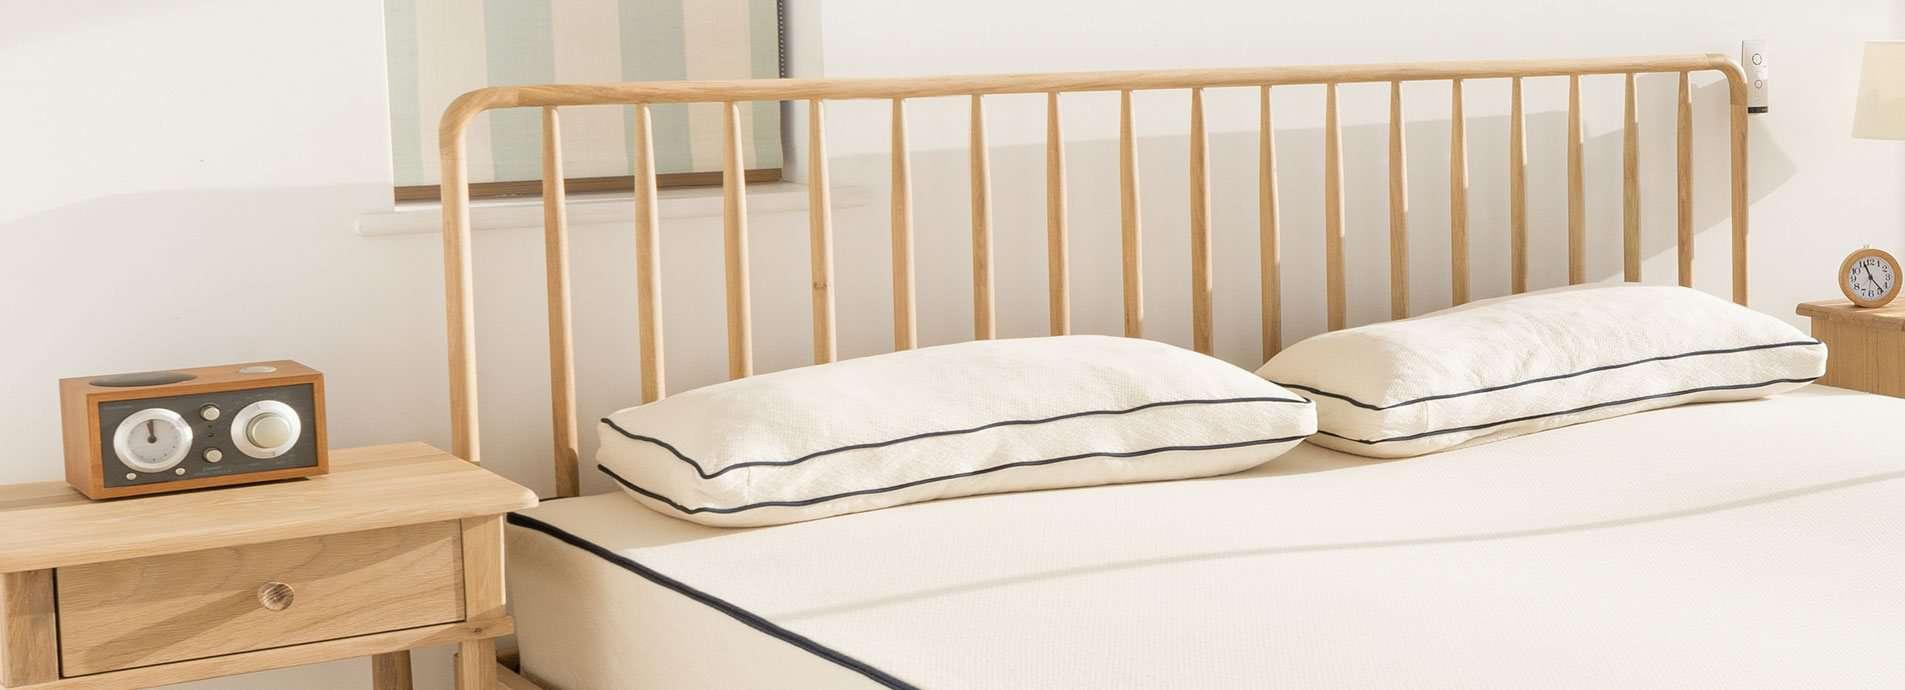 5 Tips når du køber en ny madras